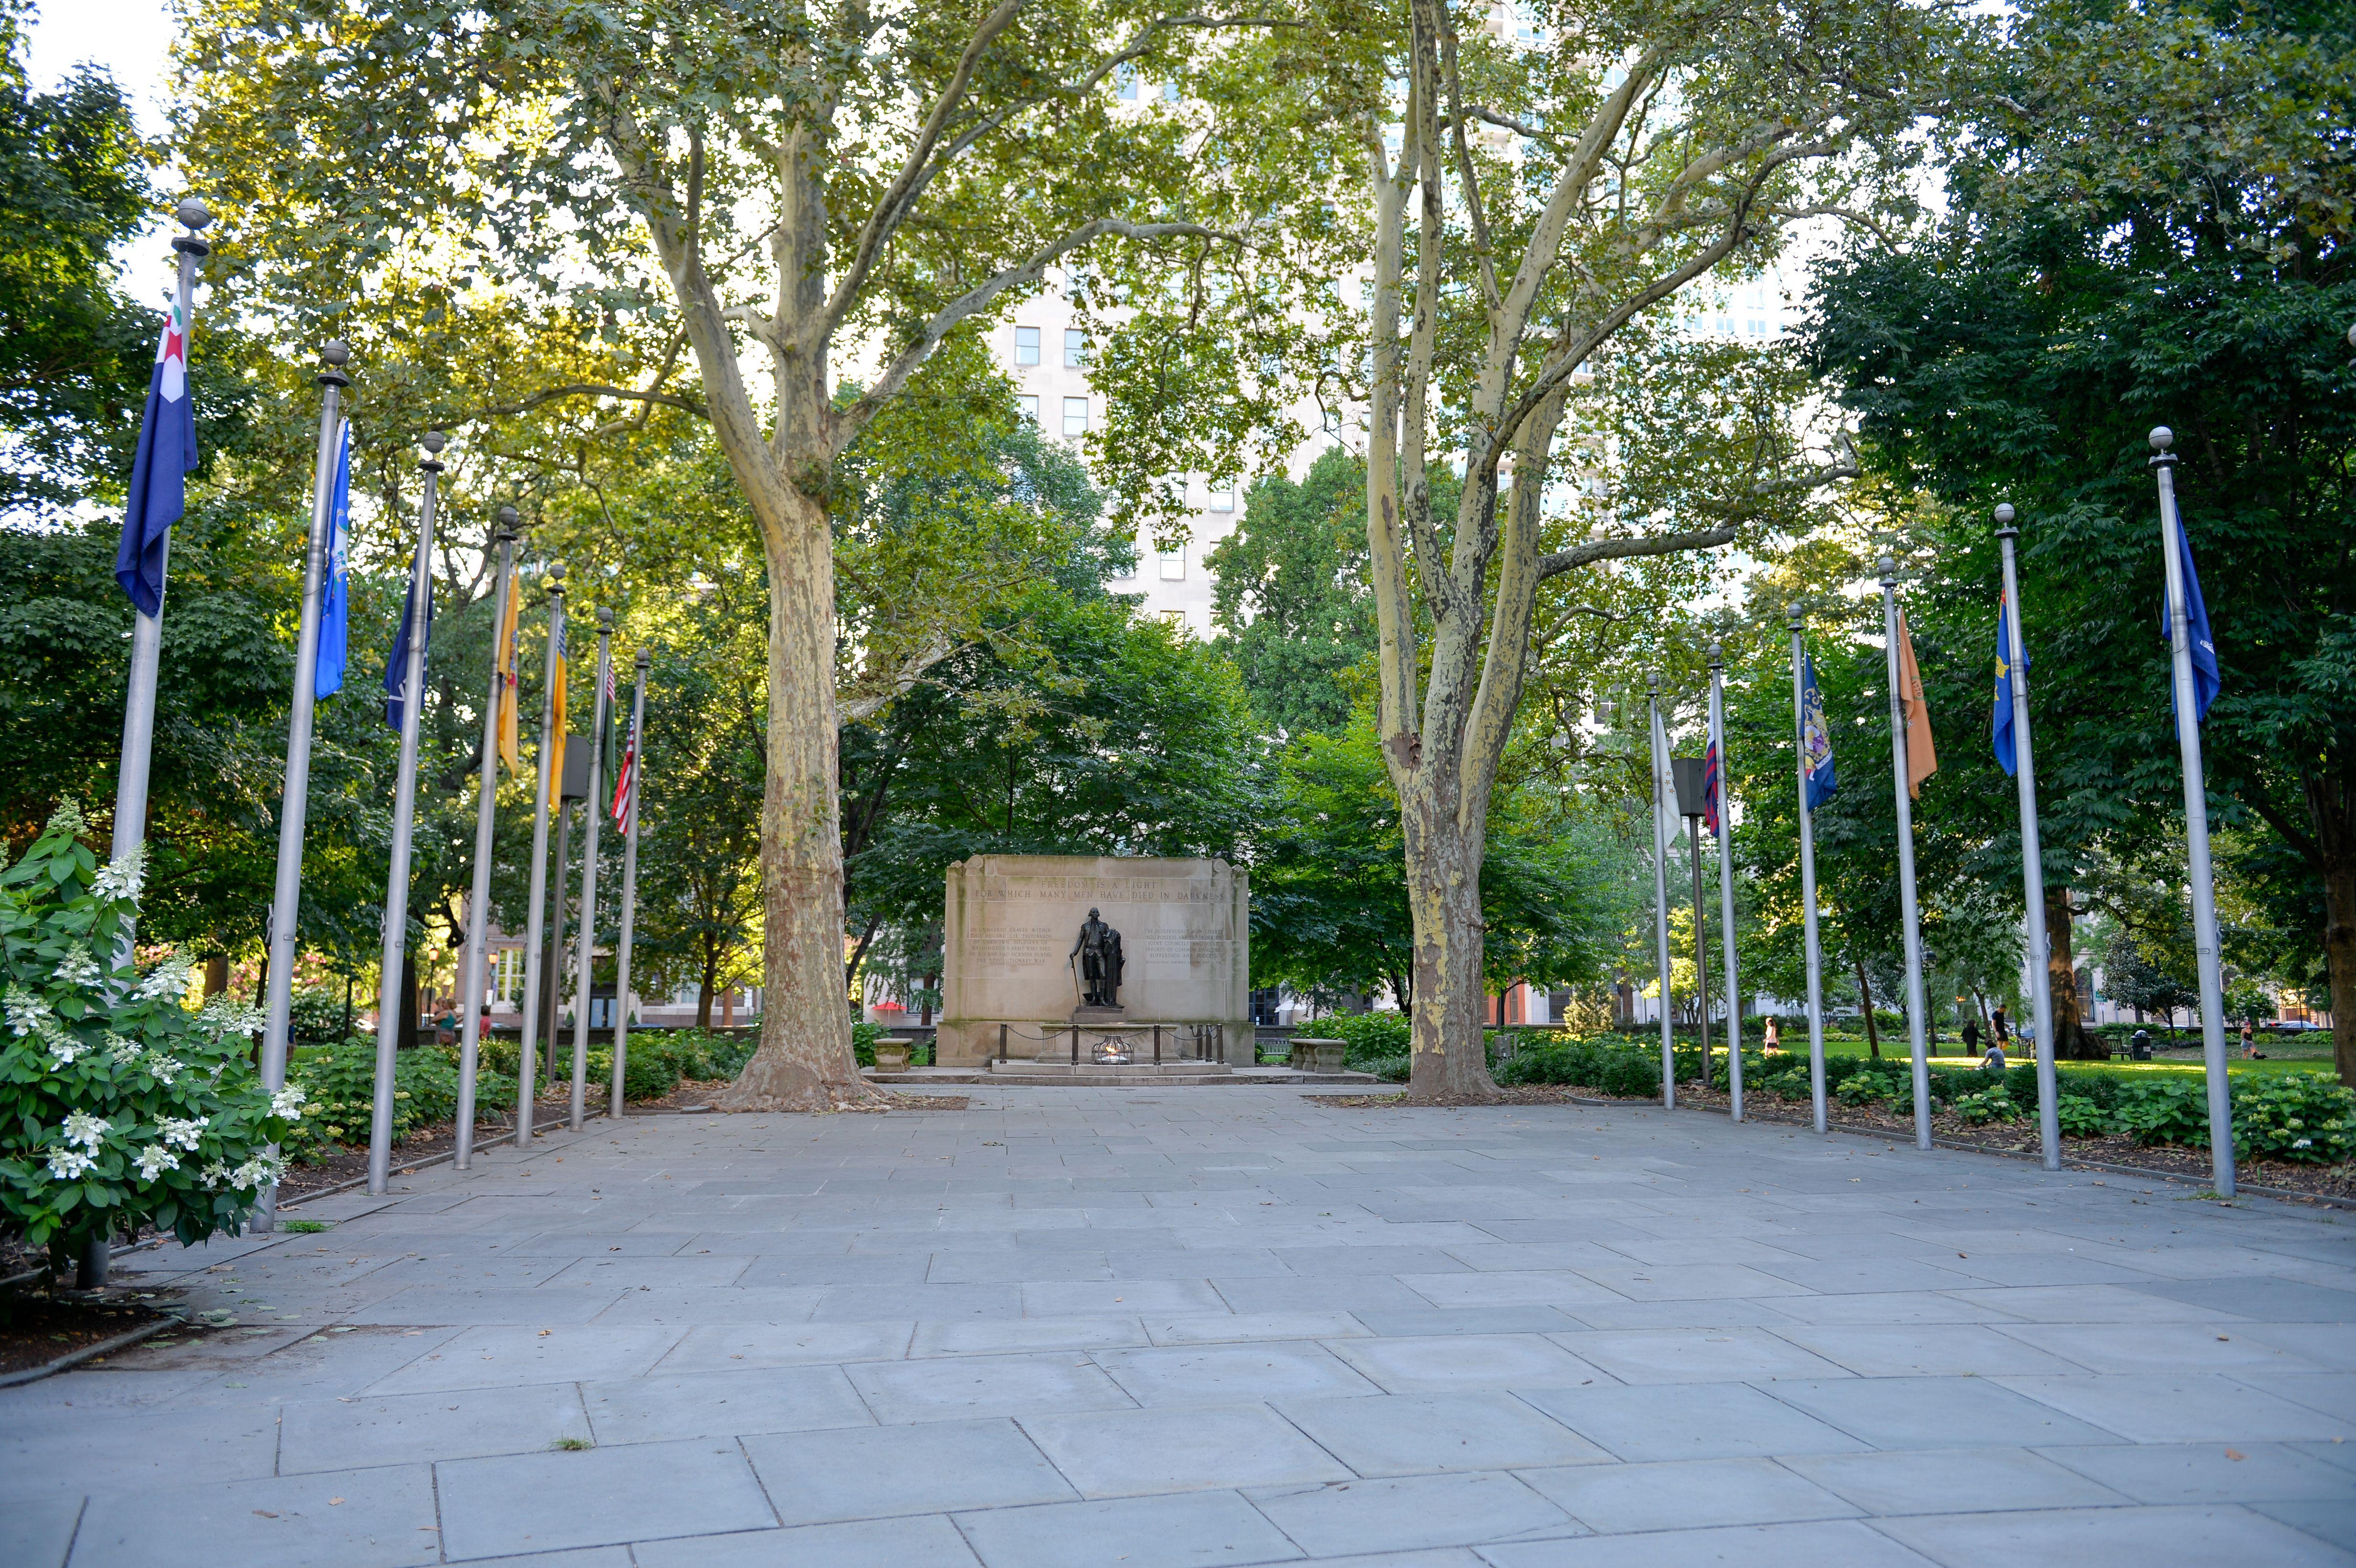 Washington Square Historic Park